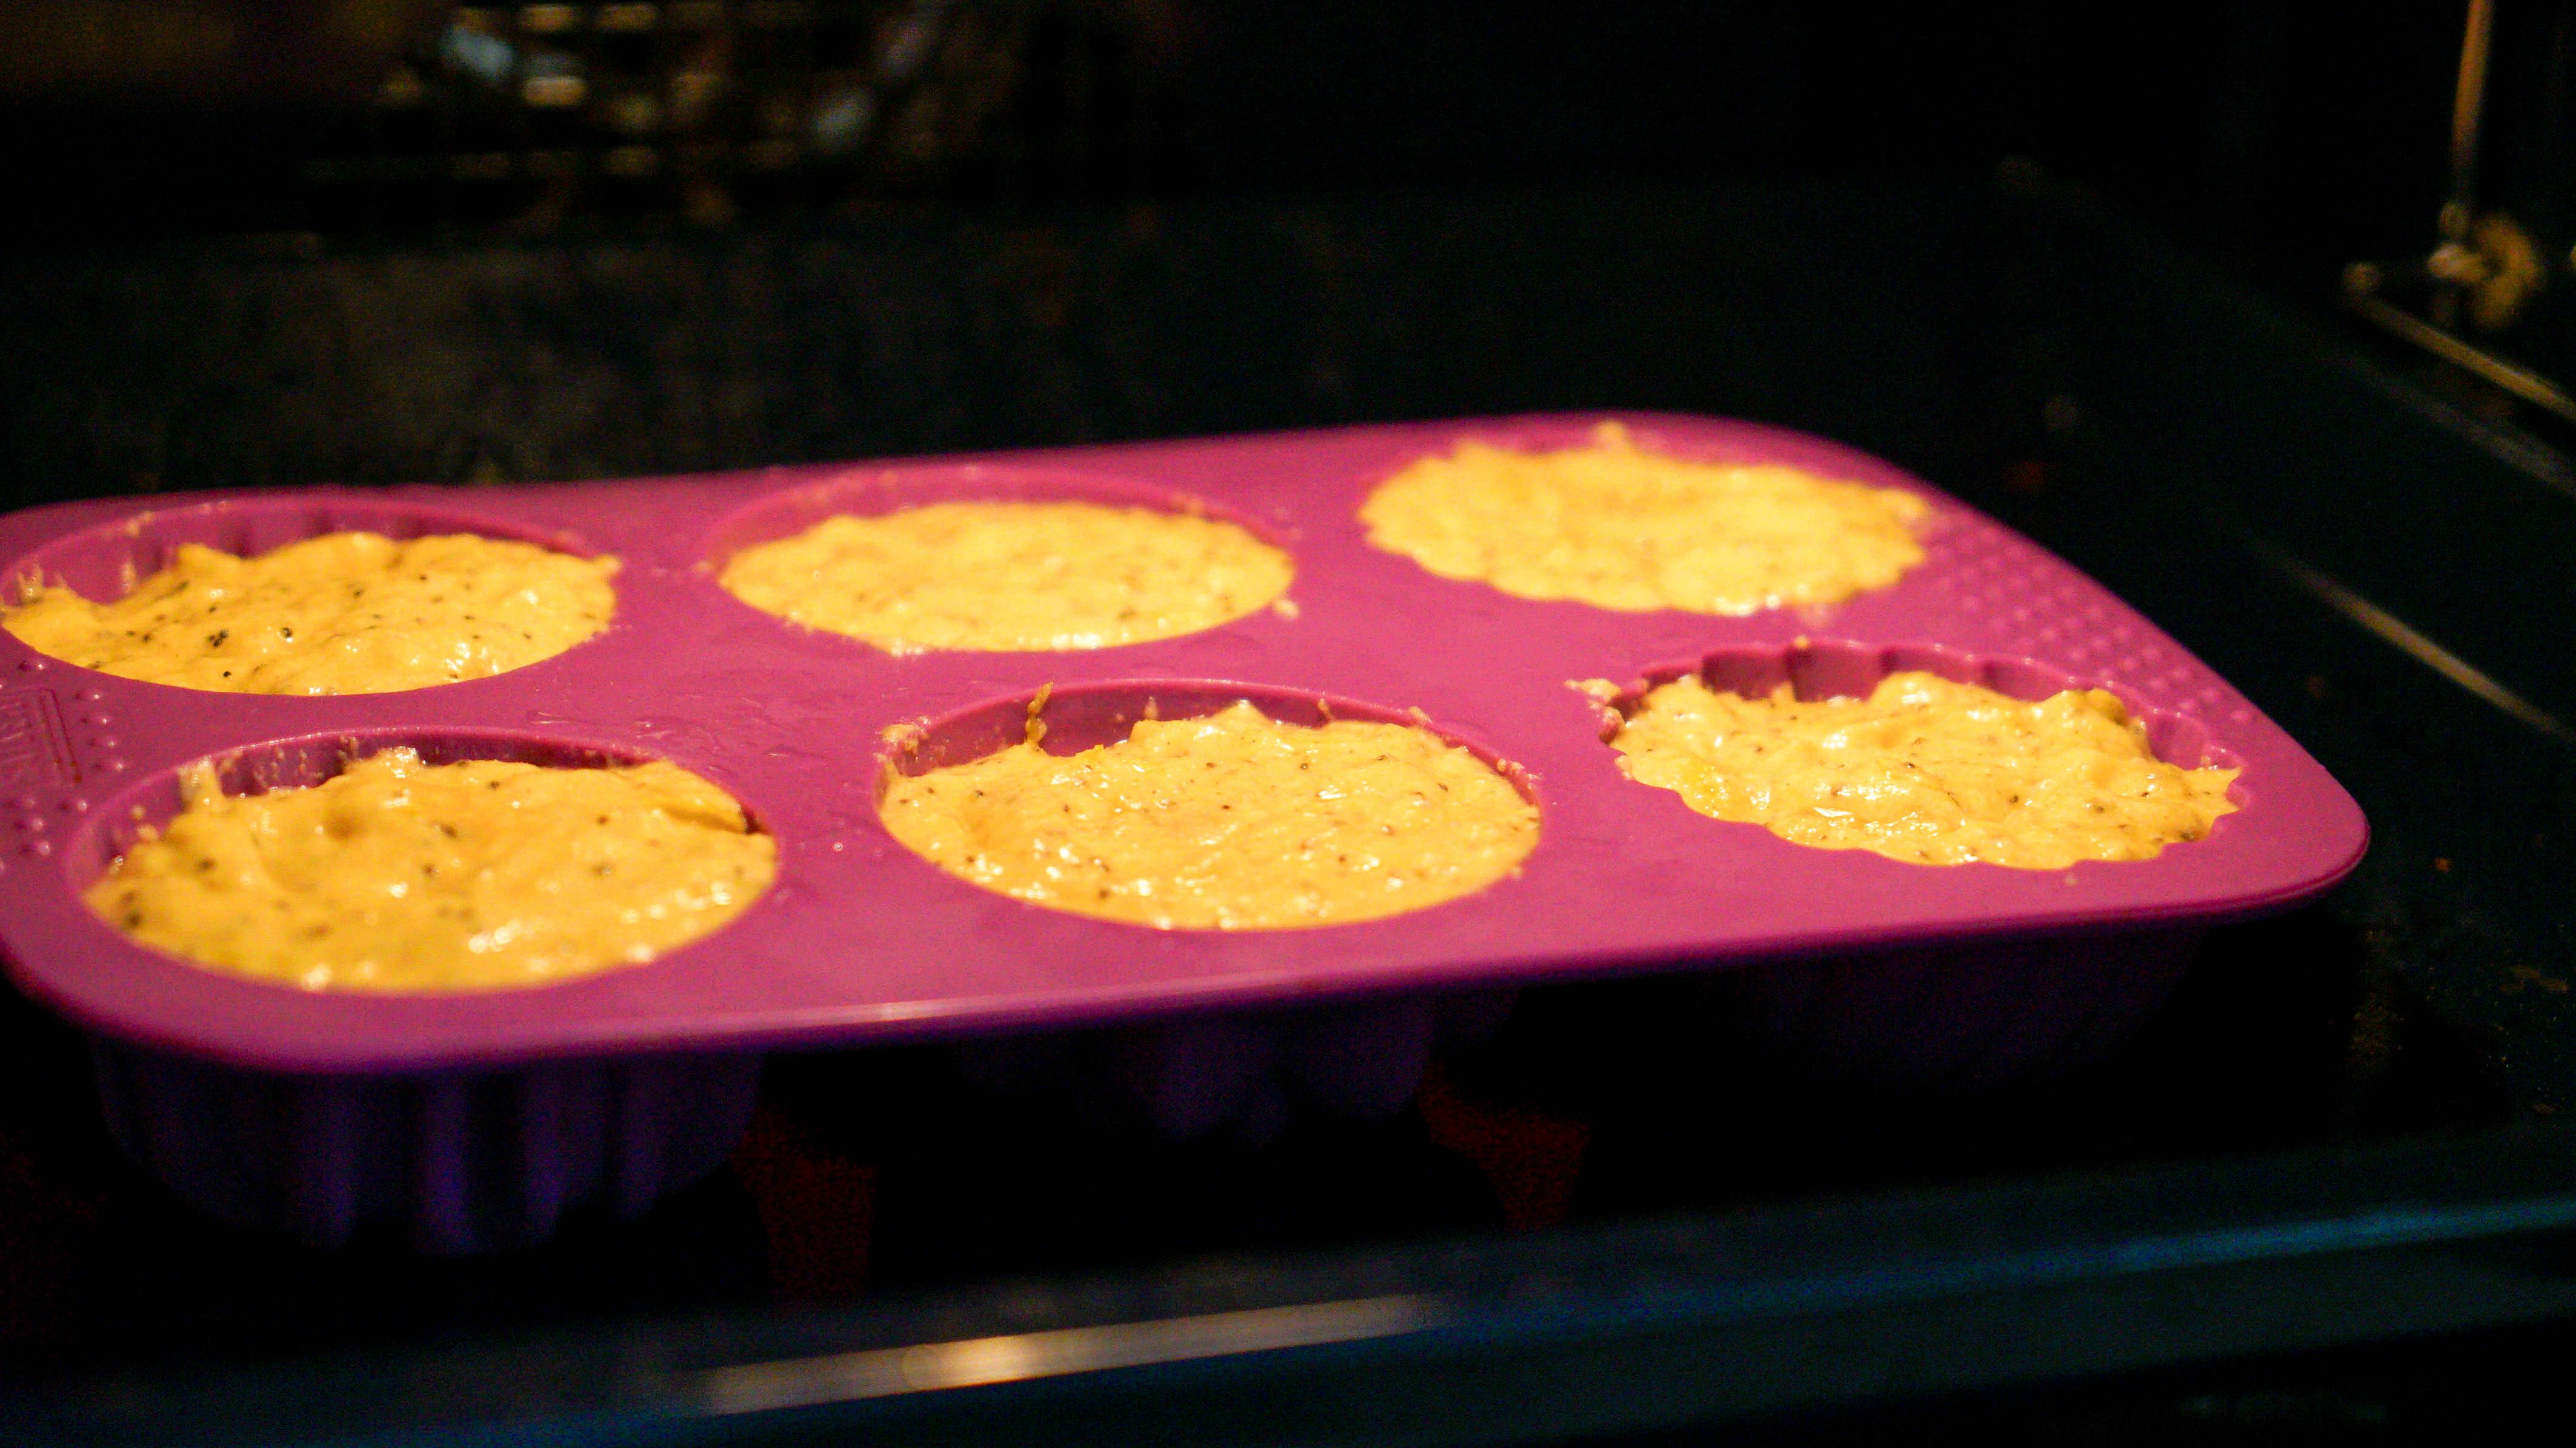 Zitronenmuffins im Ofen